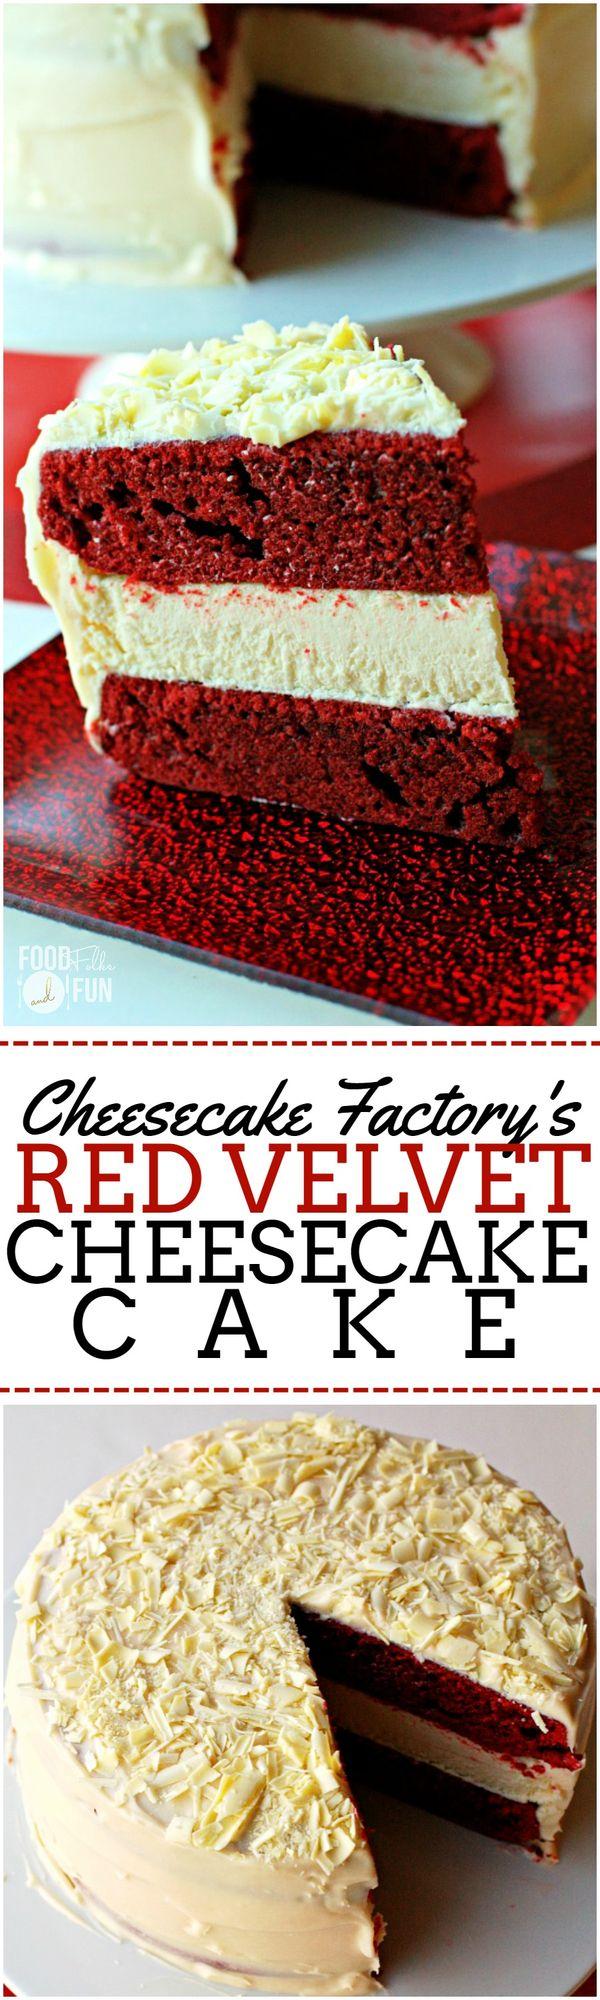 Cheesecake Factory Red Velvet Cheesecake Cake